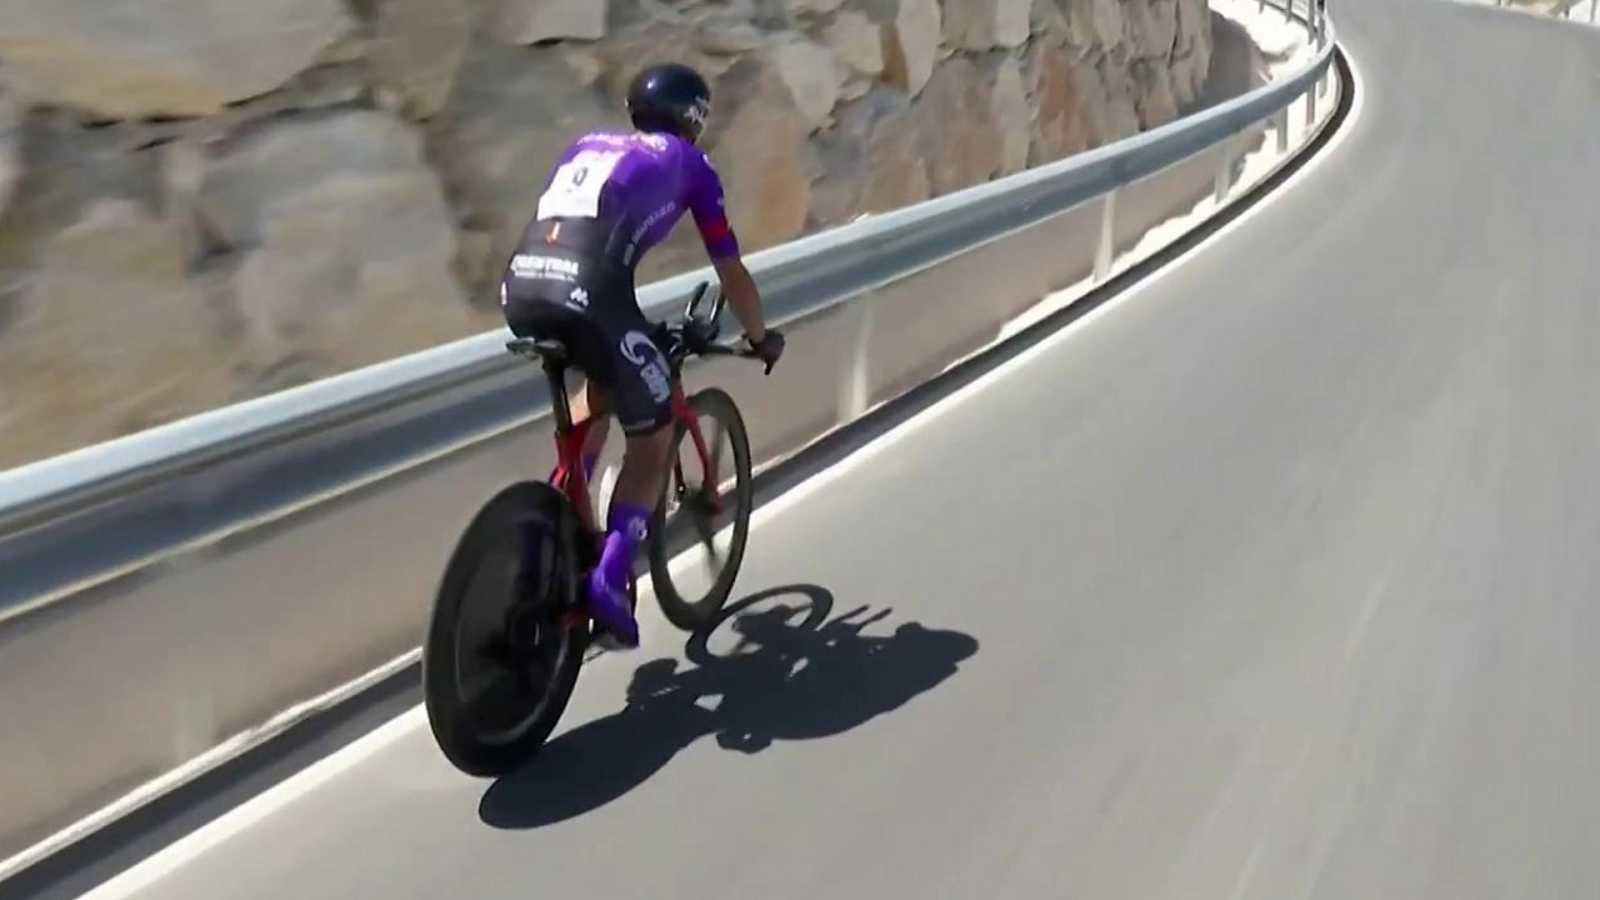 Ciclismo - Campeonato de España Carretera. Profesionales, Élite y Sub23 - ver ahora